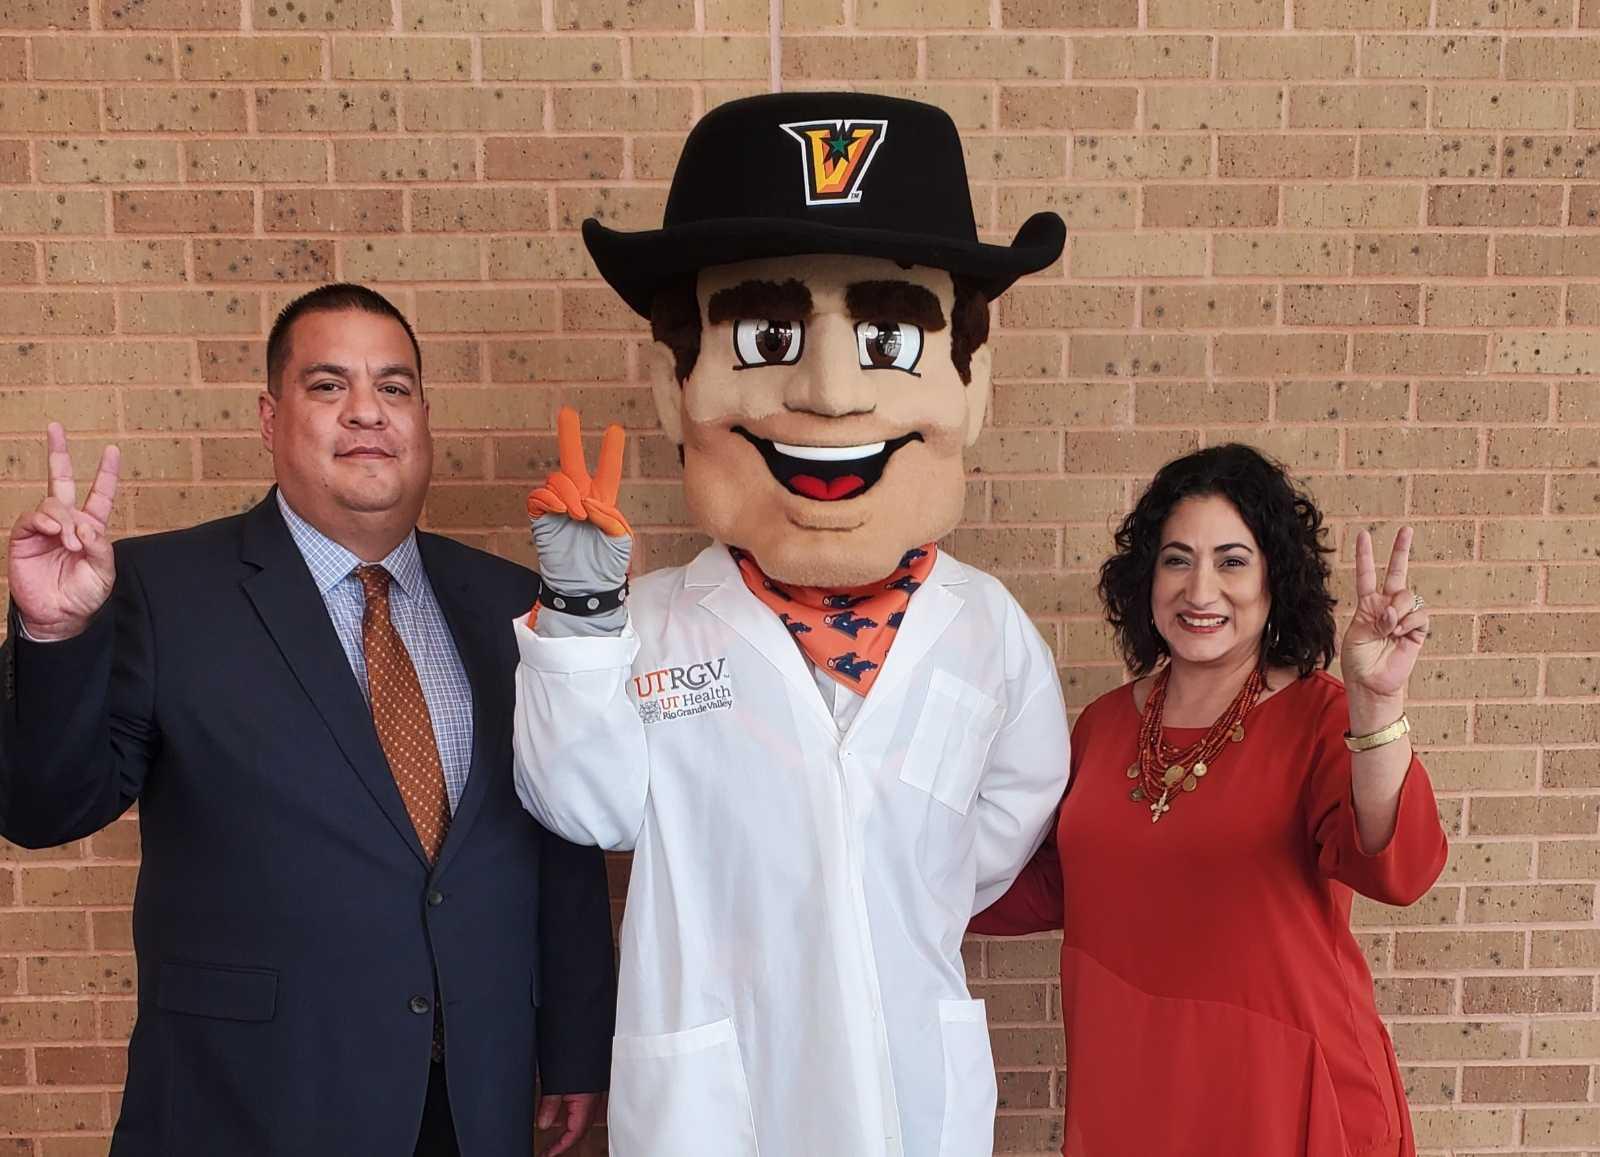 UTRGV announces Vaquero MD program for high school students, Mr. Rodriguez Thelma Salinas STEM Principal and Mrs. Herrera AHSP & STEM Principal visit UTRGV for more information